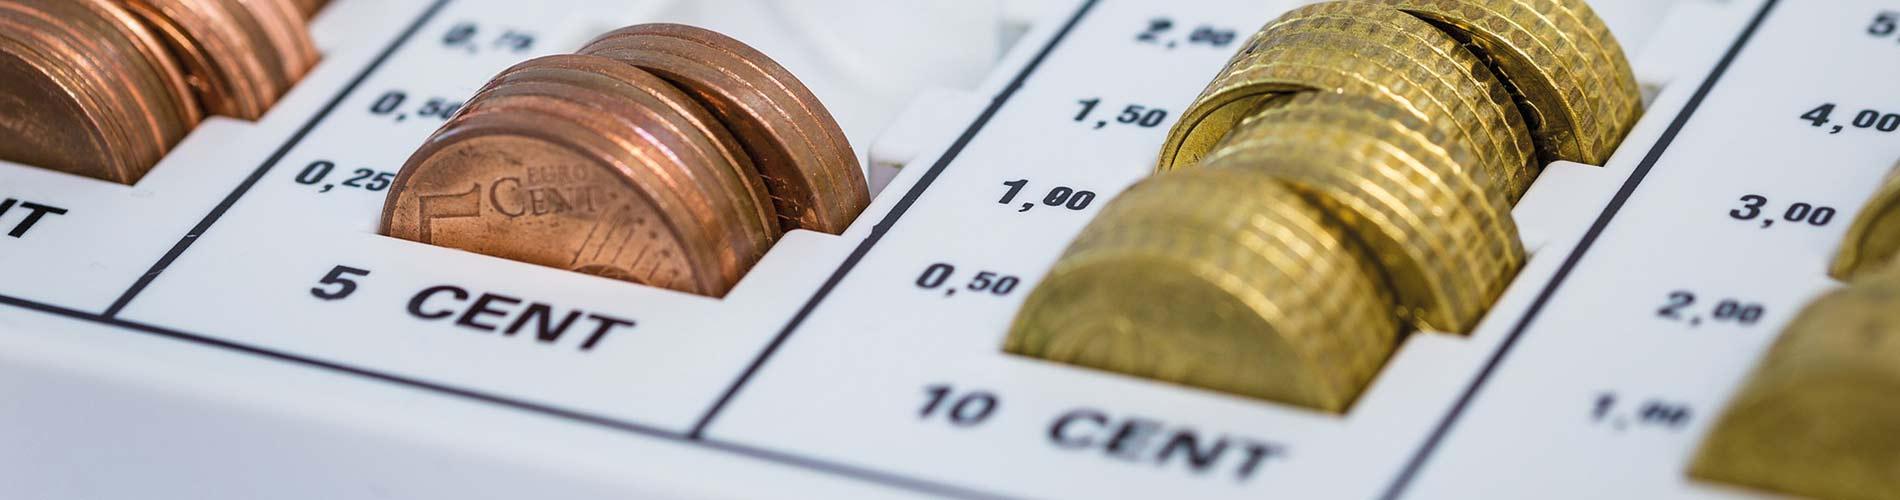 Müssen bzw. Dürfen EC-Karten-Umsätze im Kassenbuch aufgezeichnet werden?